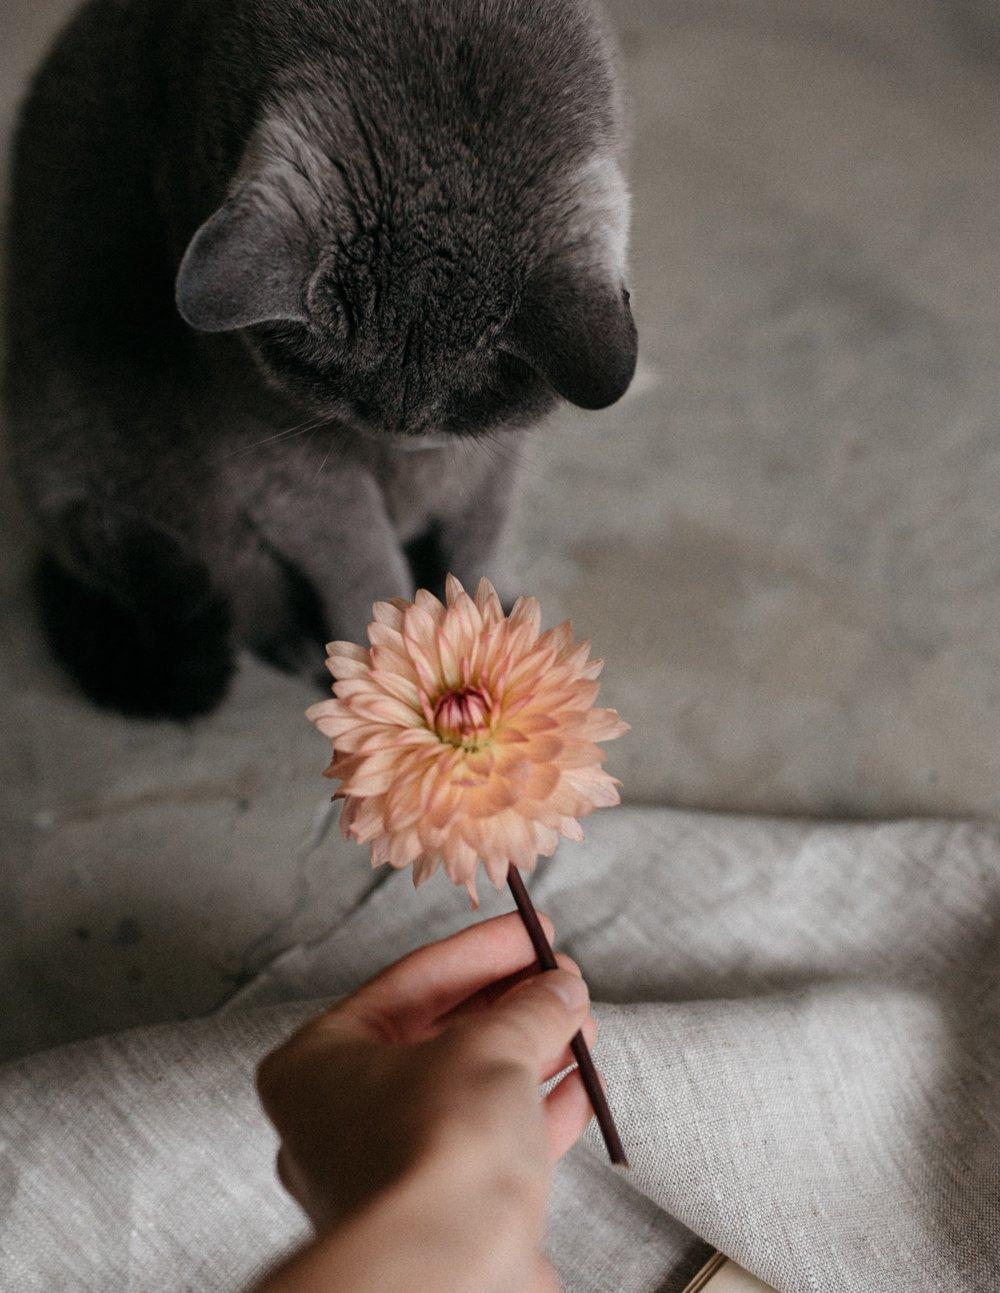 FAVORITE SOCIAL MEDIA CATS -